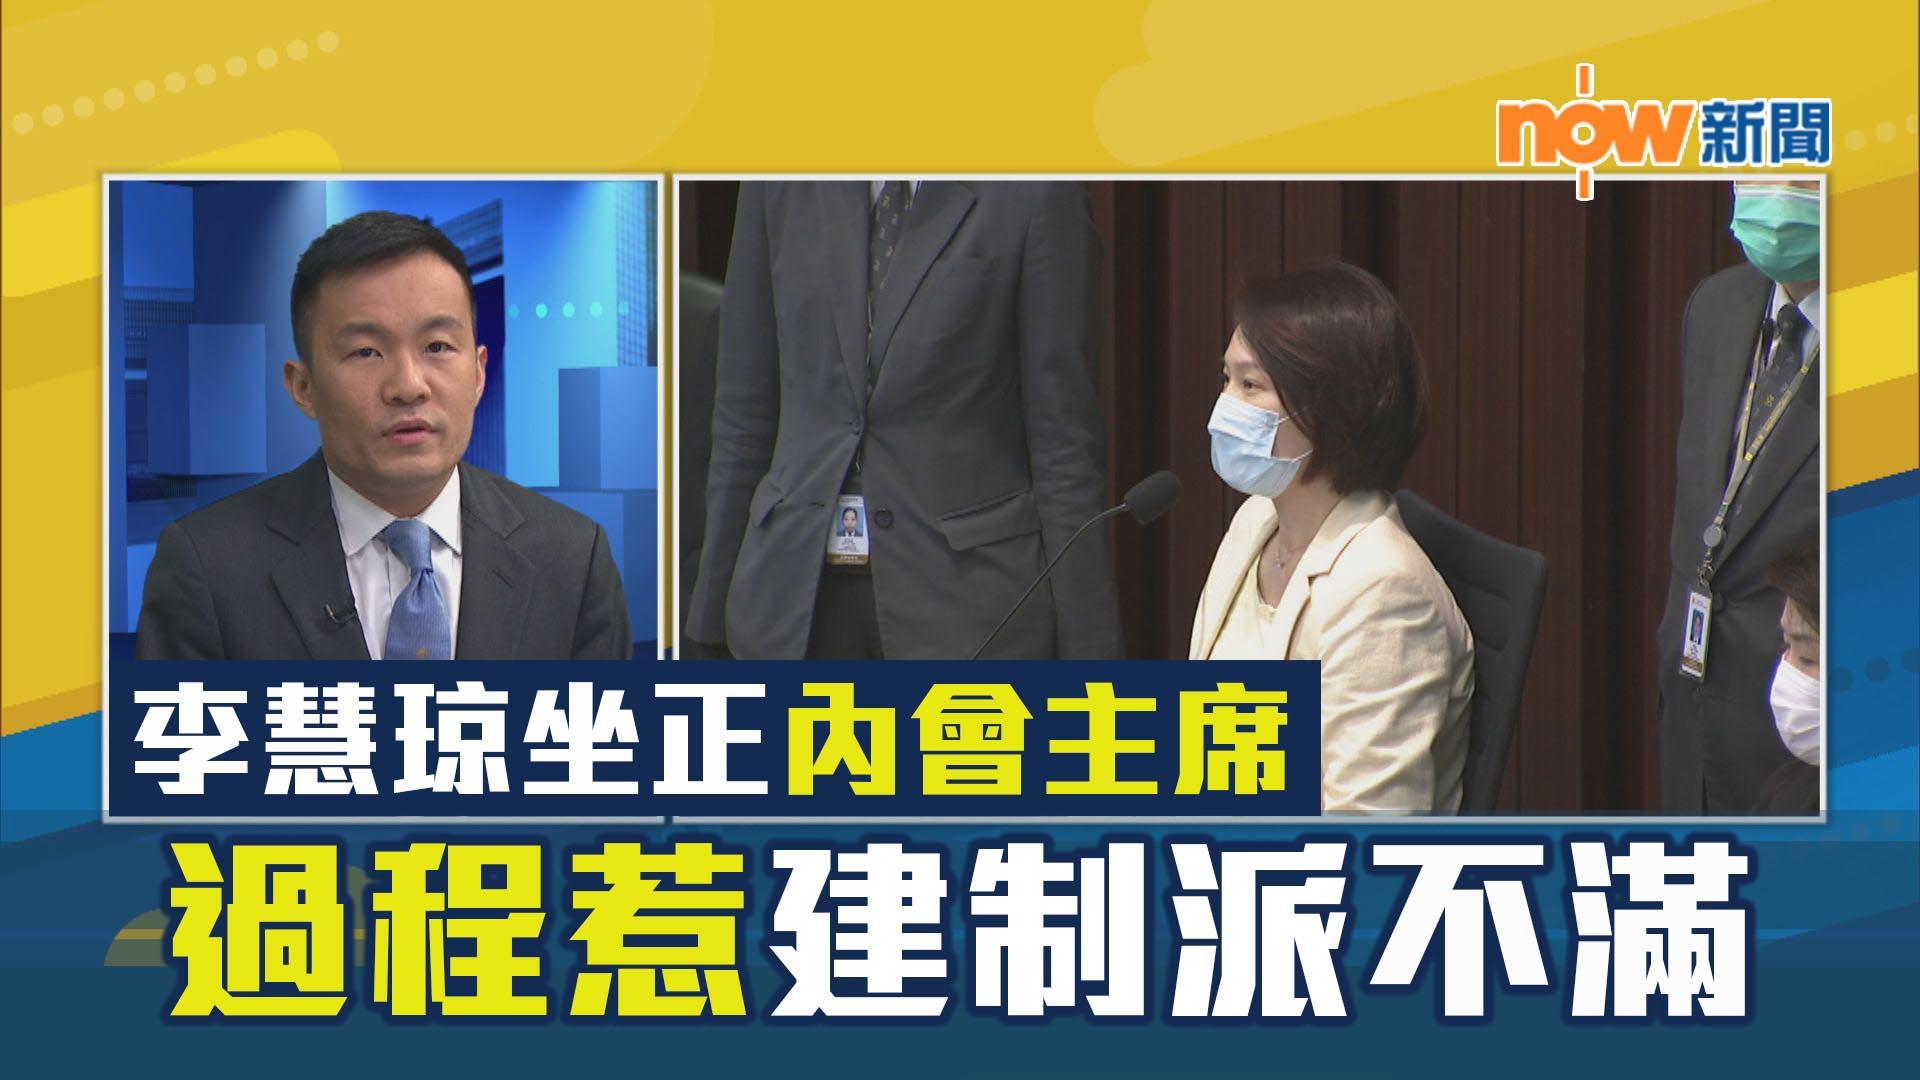 【政情】李慧琼坐正內會主席 過程惹建制派不滿